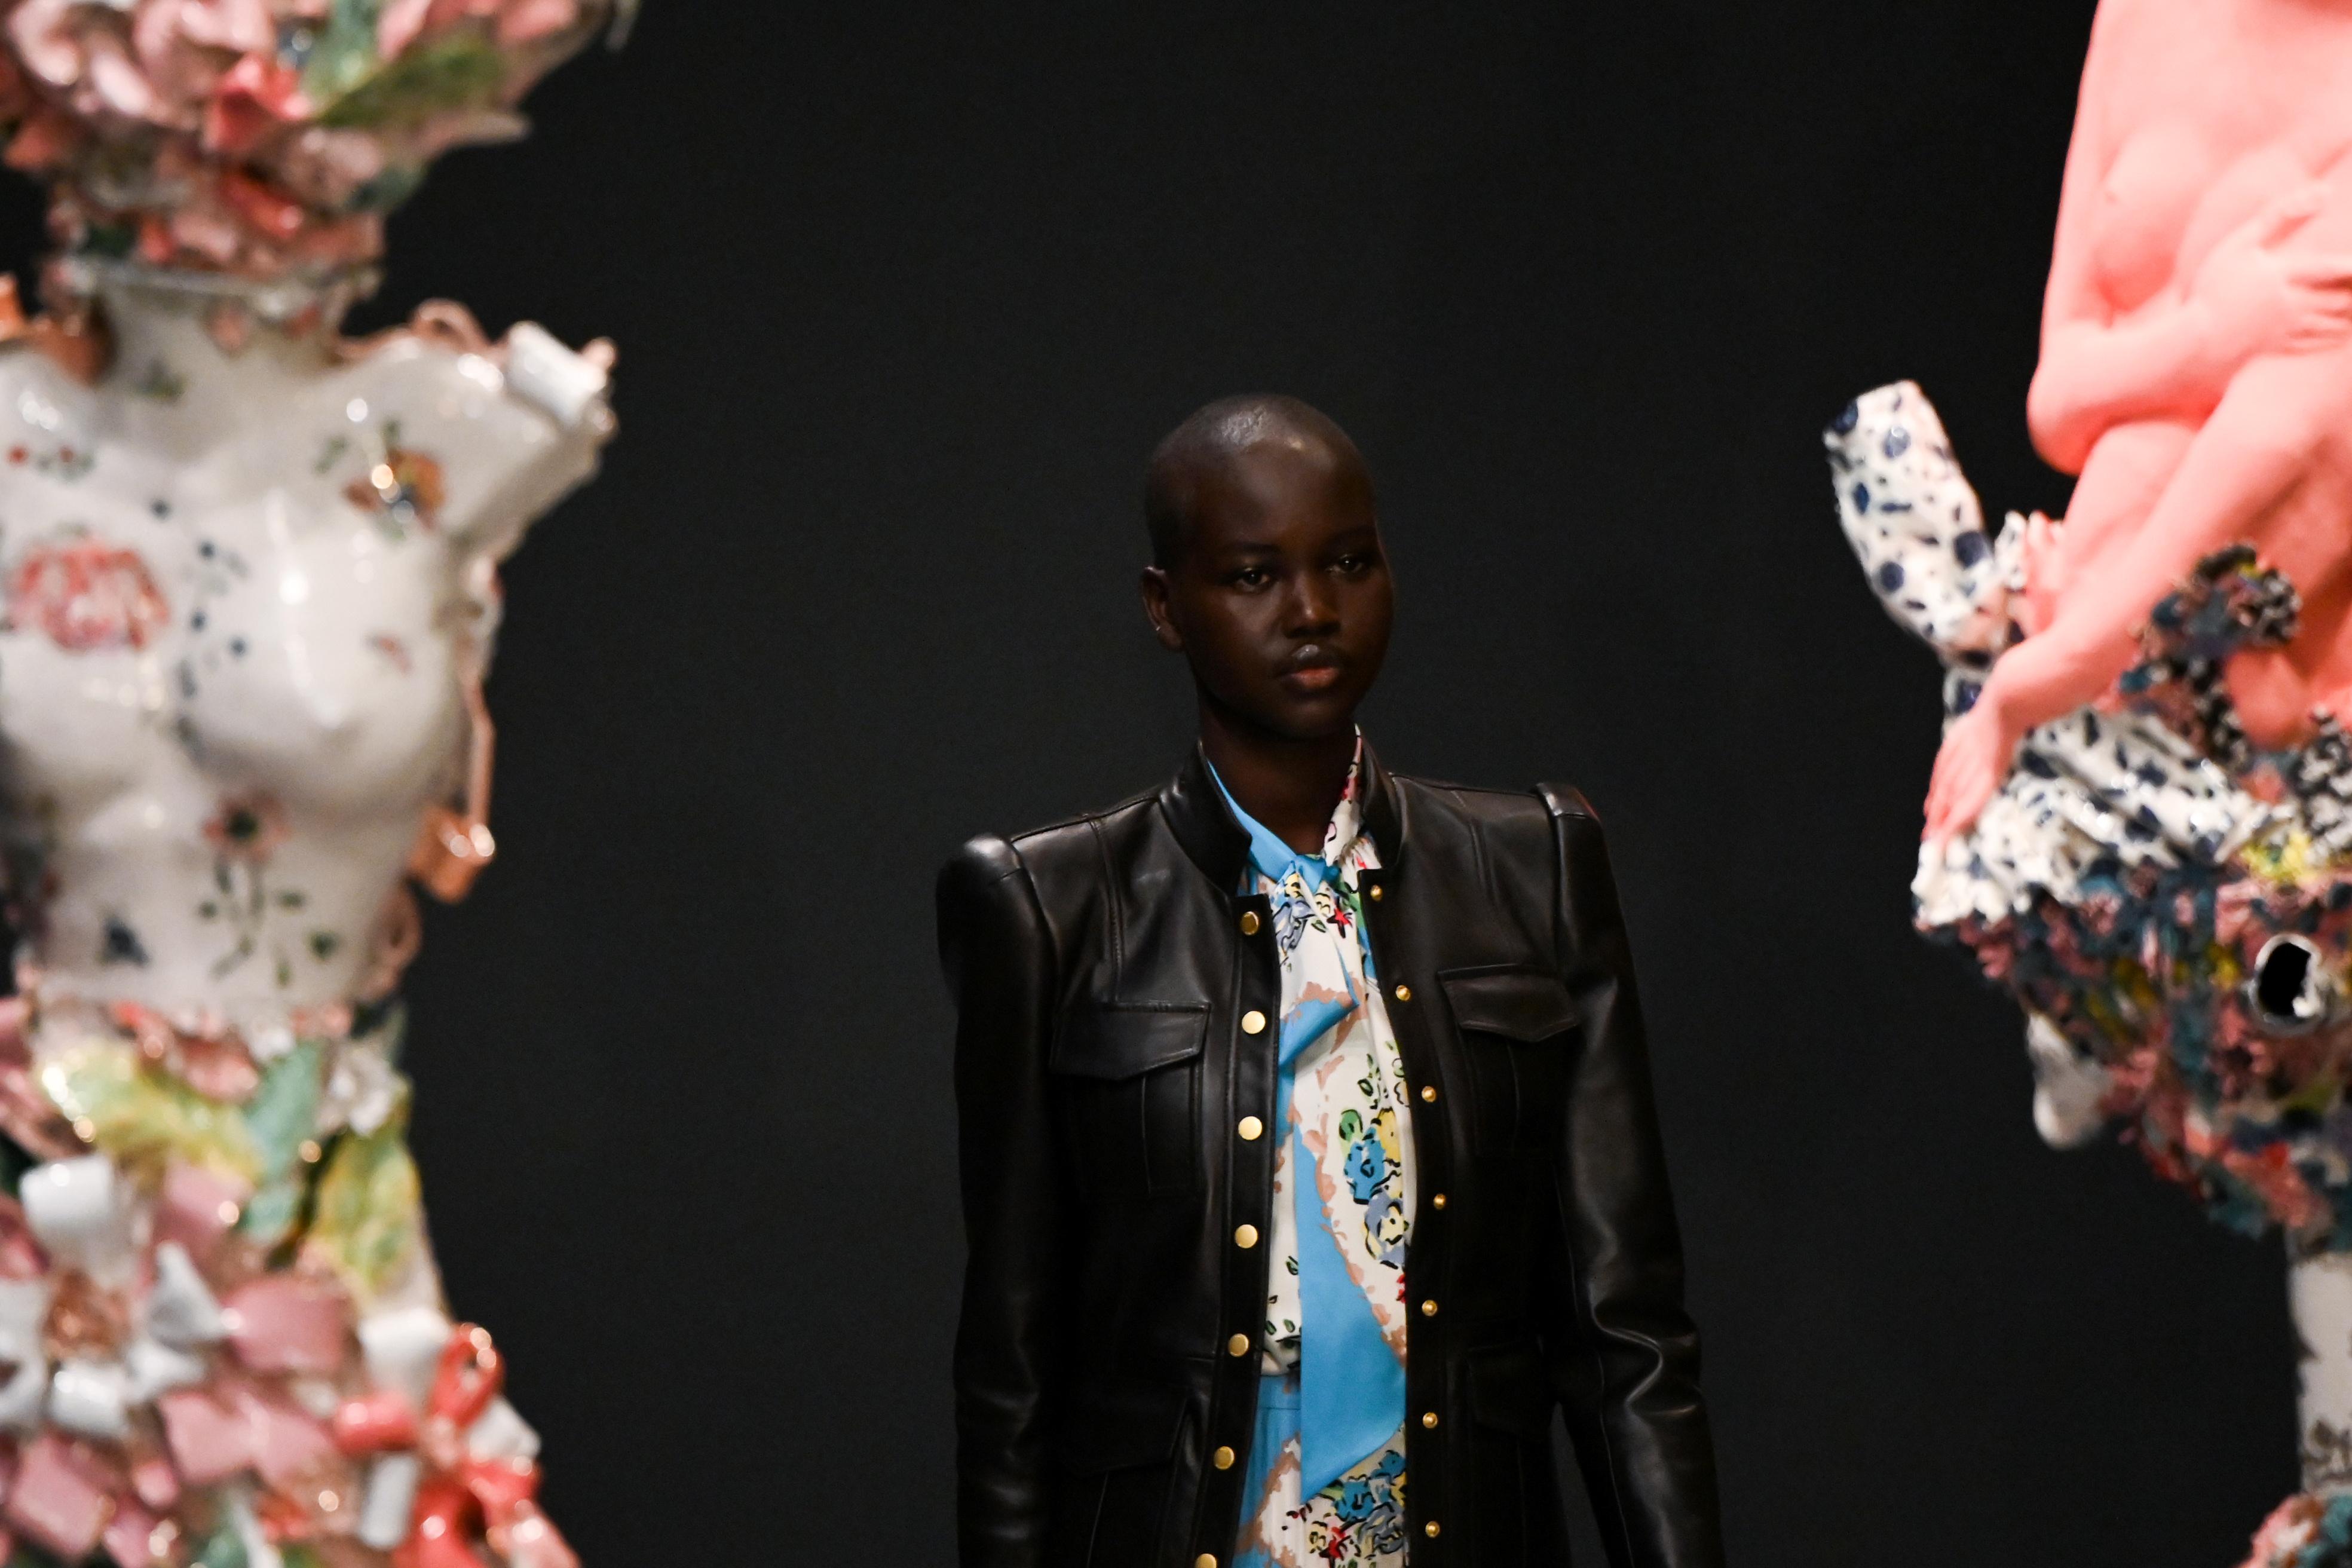 La modelo sudanesa Adut Akech desfiló para Tory Burch y lució un diseño de campera de cuero y un conjunto estampado en colores celeste, blanco y rojo